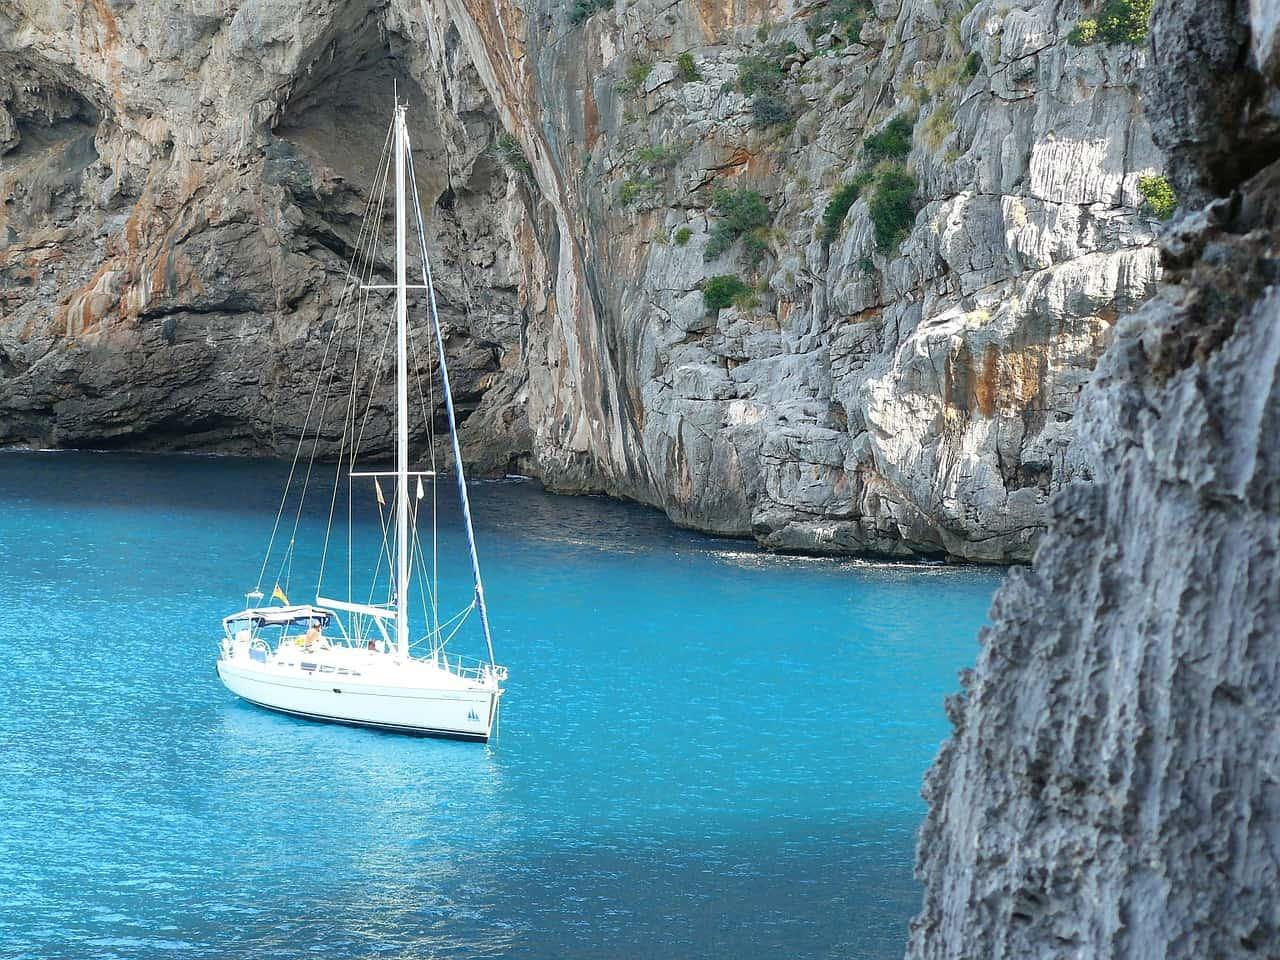 Ich empfehle euch aufjedenfall mindestens einmal mit einem Boot einen Ausflug zu planen